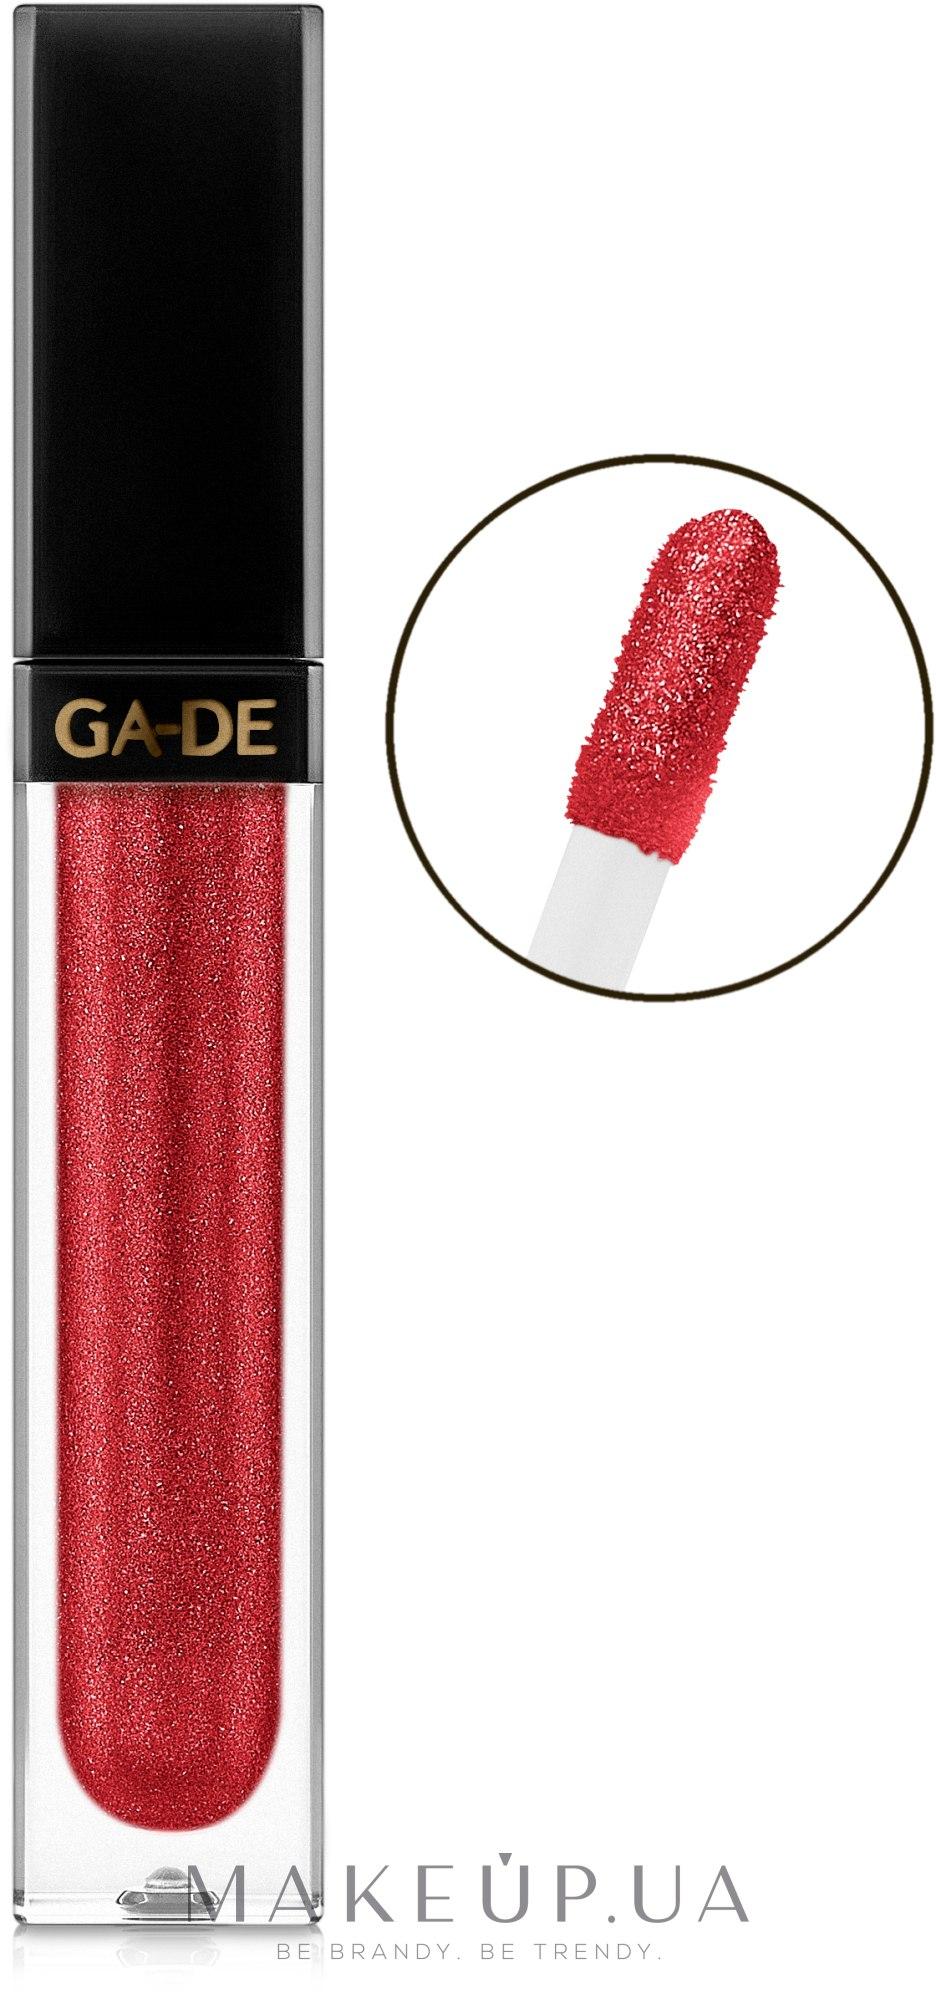 Блеск для губ с подсветкой - Ga-De Crystal Lights Lip Gloss — фото 500 - Garnet